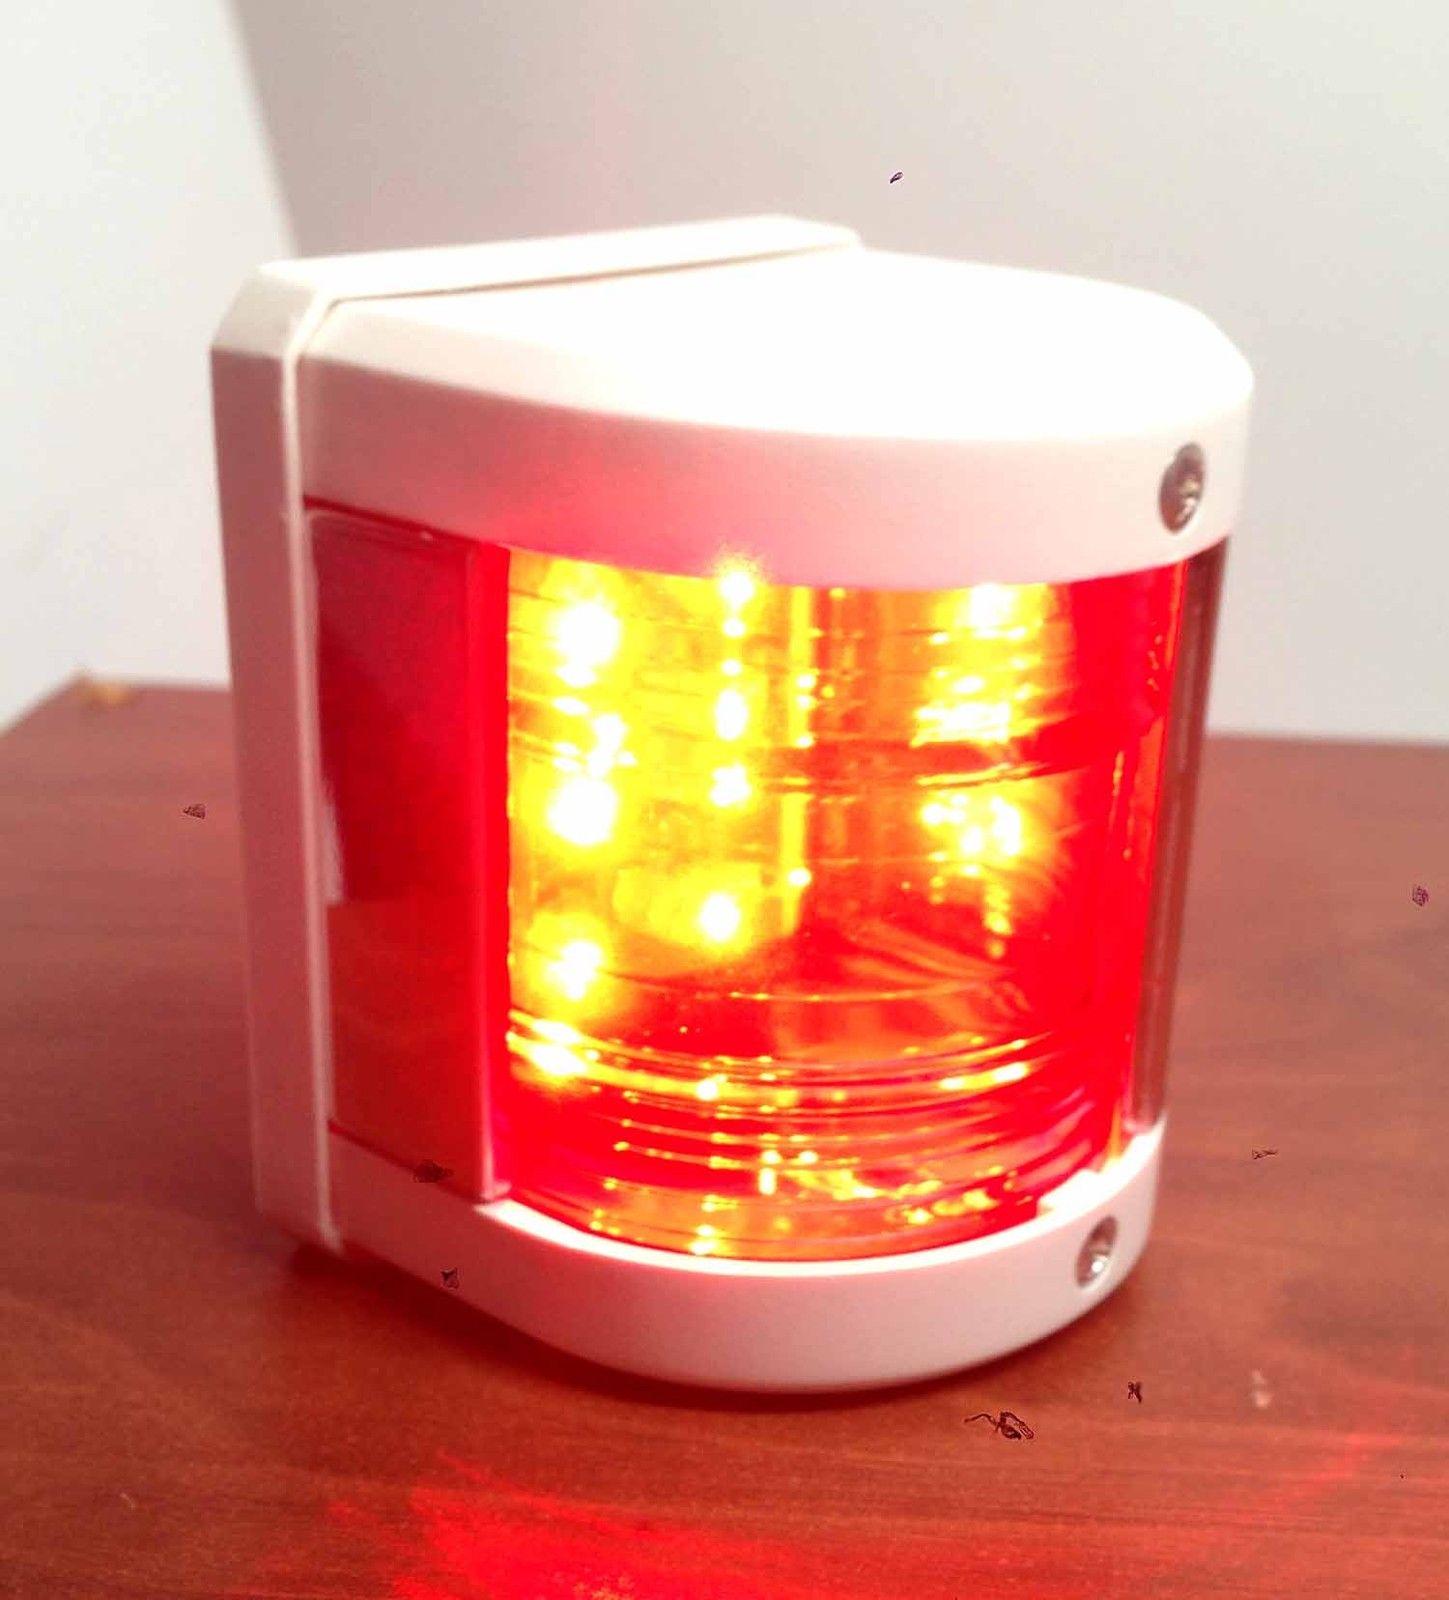 Diablo Led Boat Lights: MARINE BOAT RED PORT LED NAVIGATION LIGHT WATERPROOF BOATS